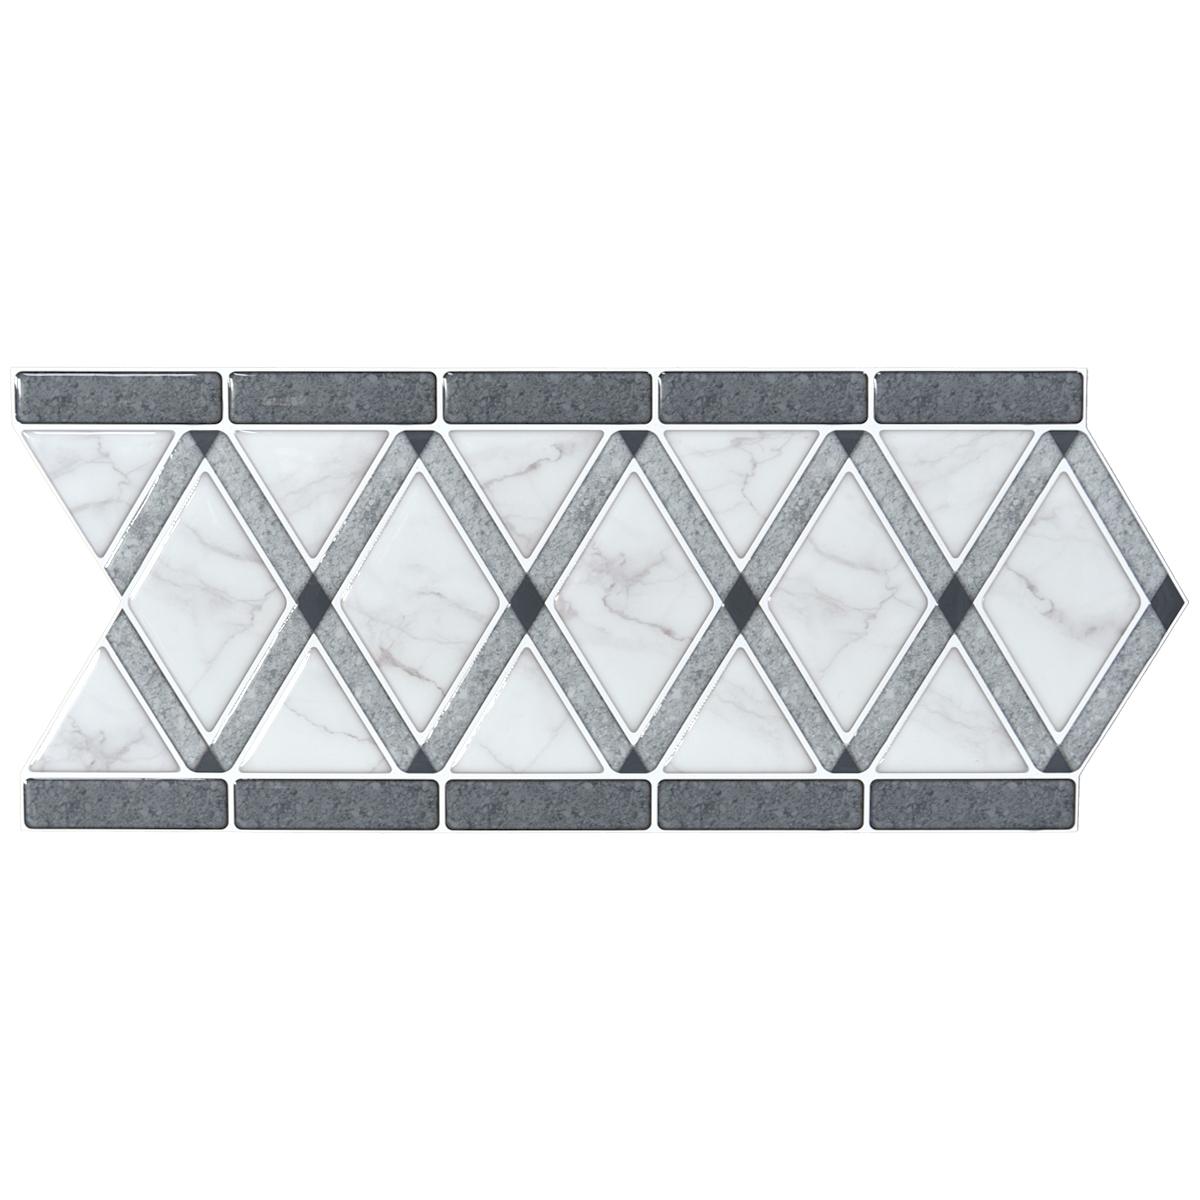 A17101 - Tile Borders Peel and Stick Backsplash, Removable Backsplash for Kitchen, Bathroom, Set of 10, 12.4